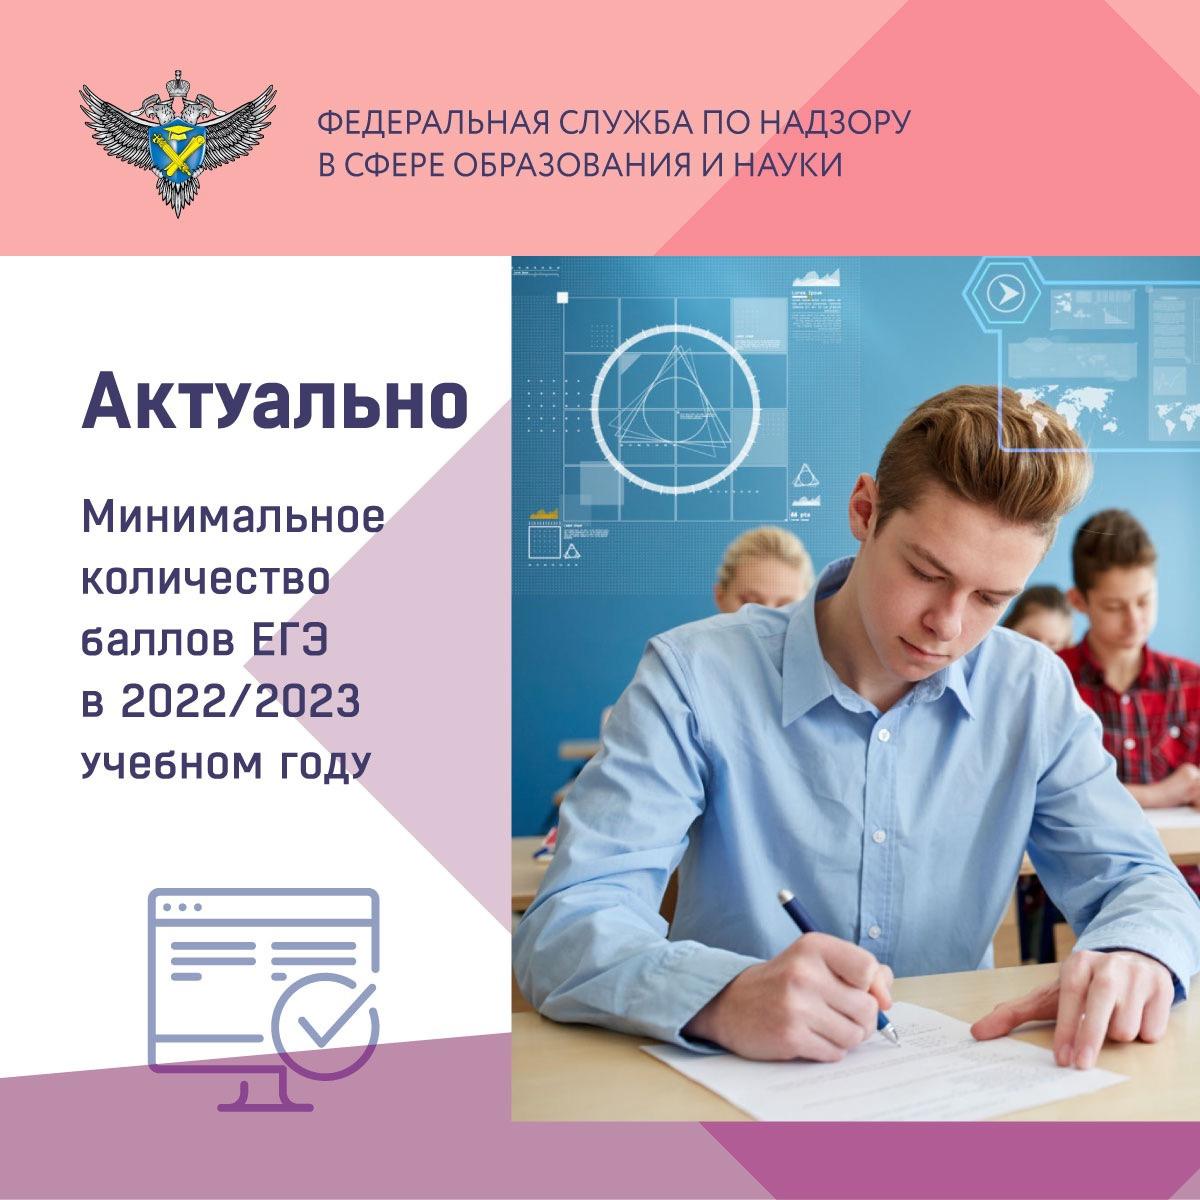 Утверждены проходные баллы ЕГЭ для поступления в подведомственные вузы на 2022/2023 учебный год